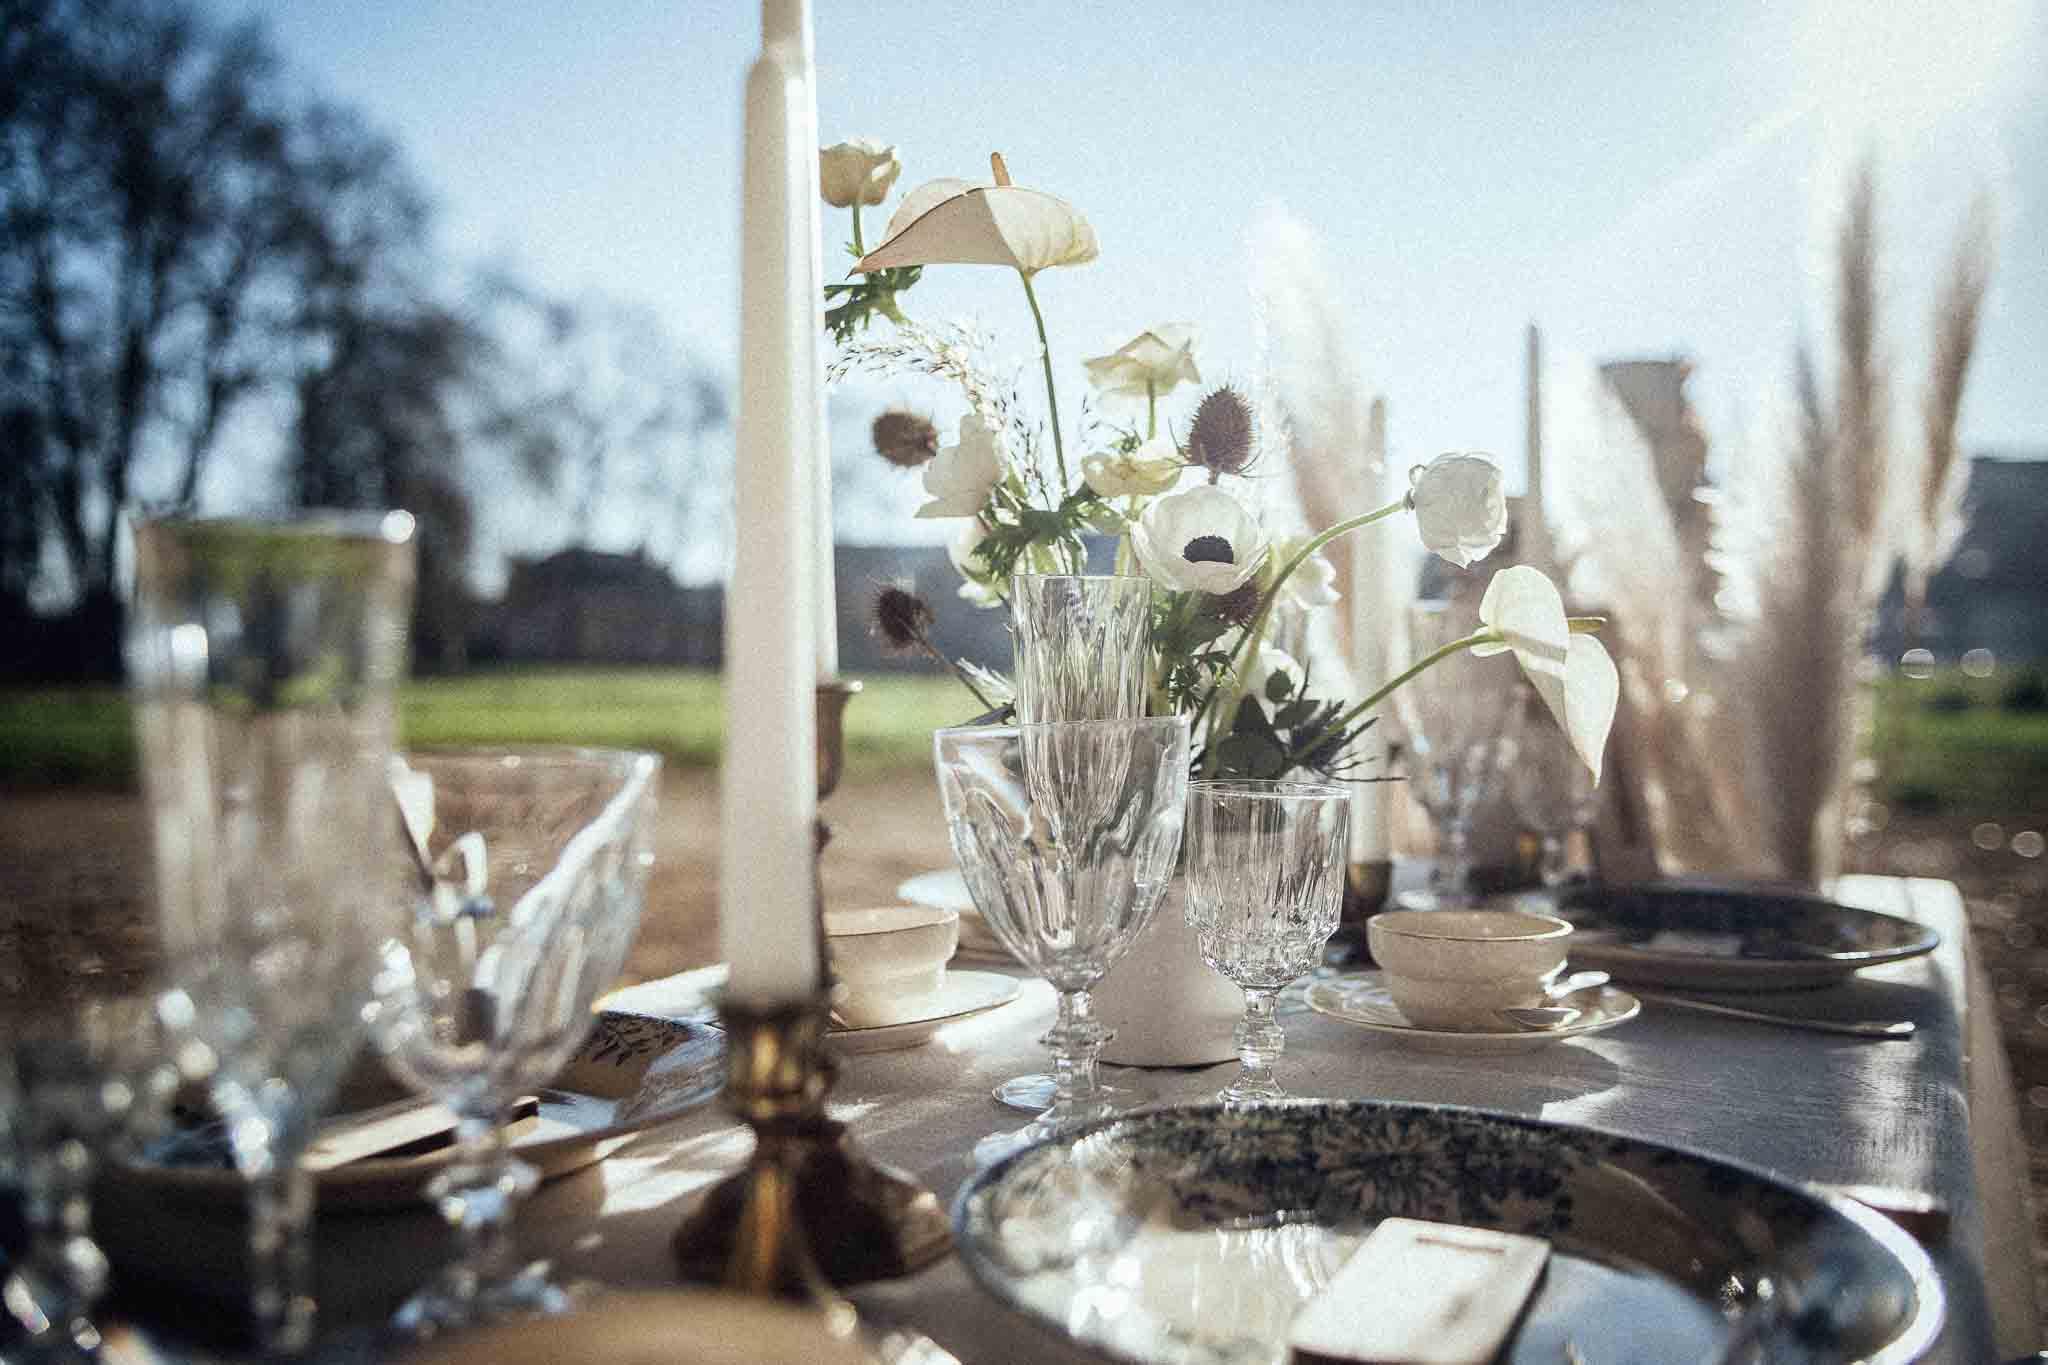 mariage-terre-de-fer-urbain-vintage-ludozme-edua-decore-poitiers (11)